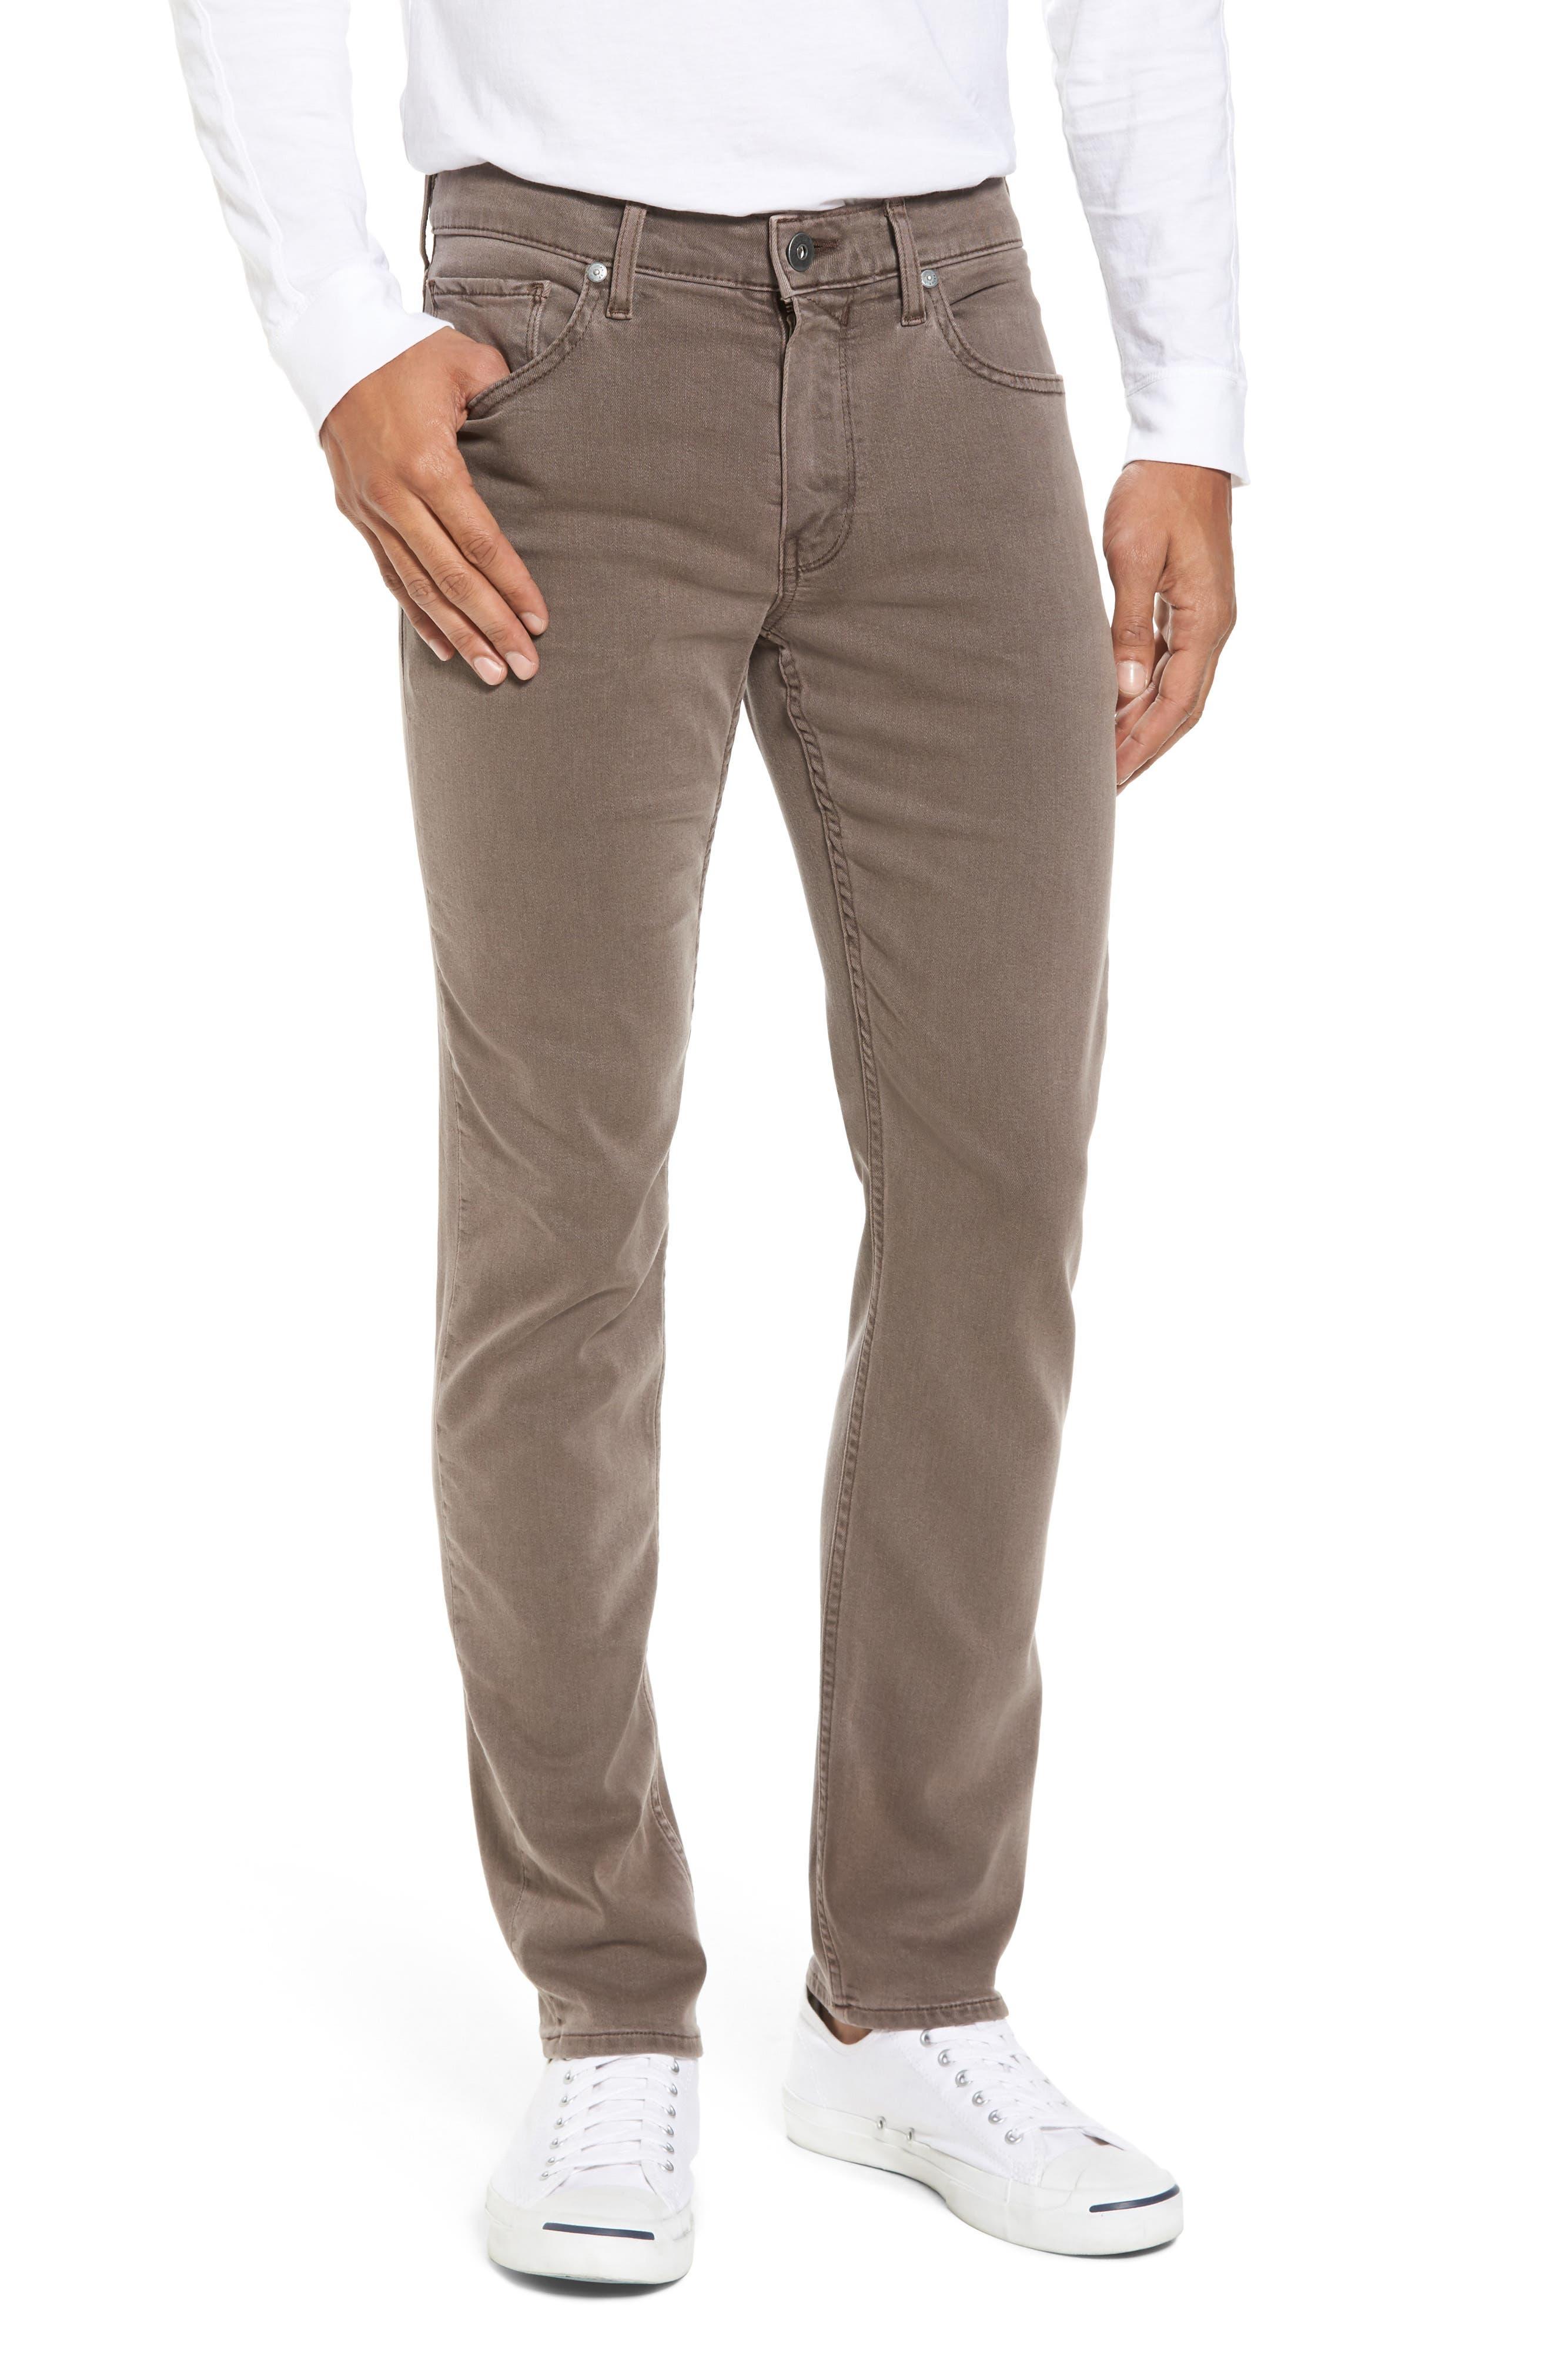 Transcend - Lennox Slim Fit Jeans,                         Main,                         color, VINTAGE SAND BAR